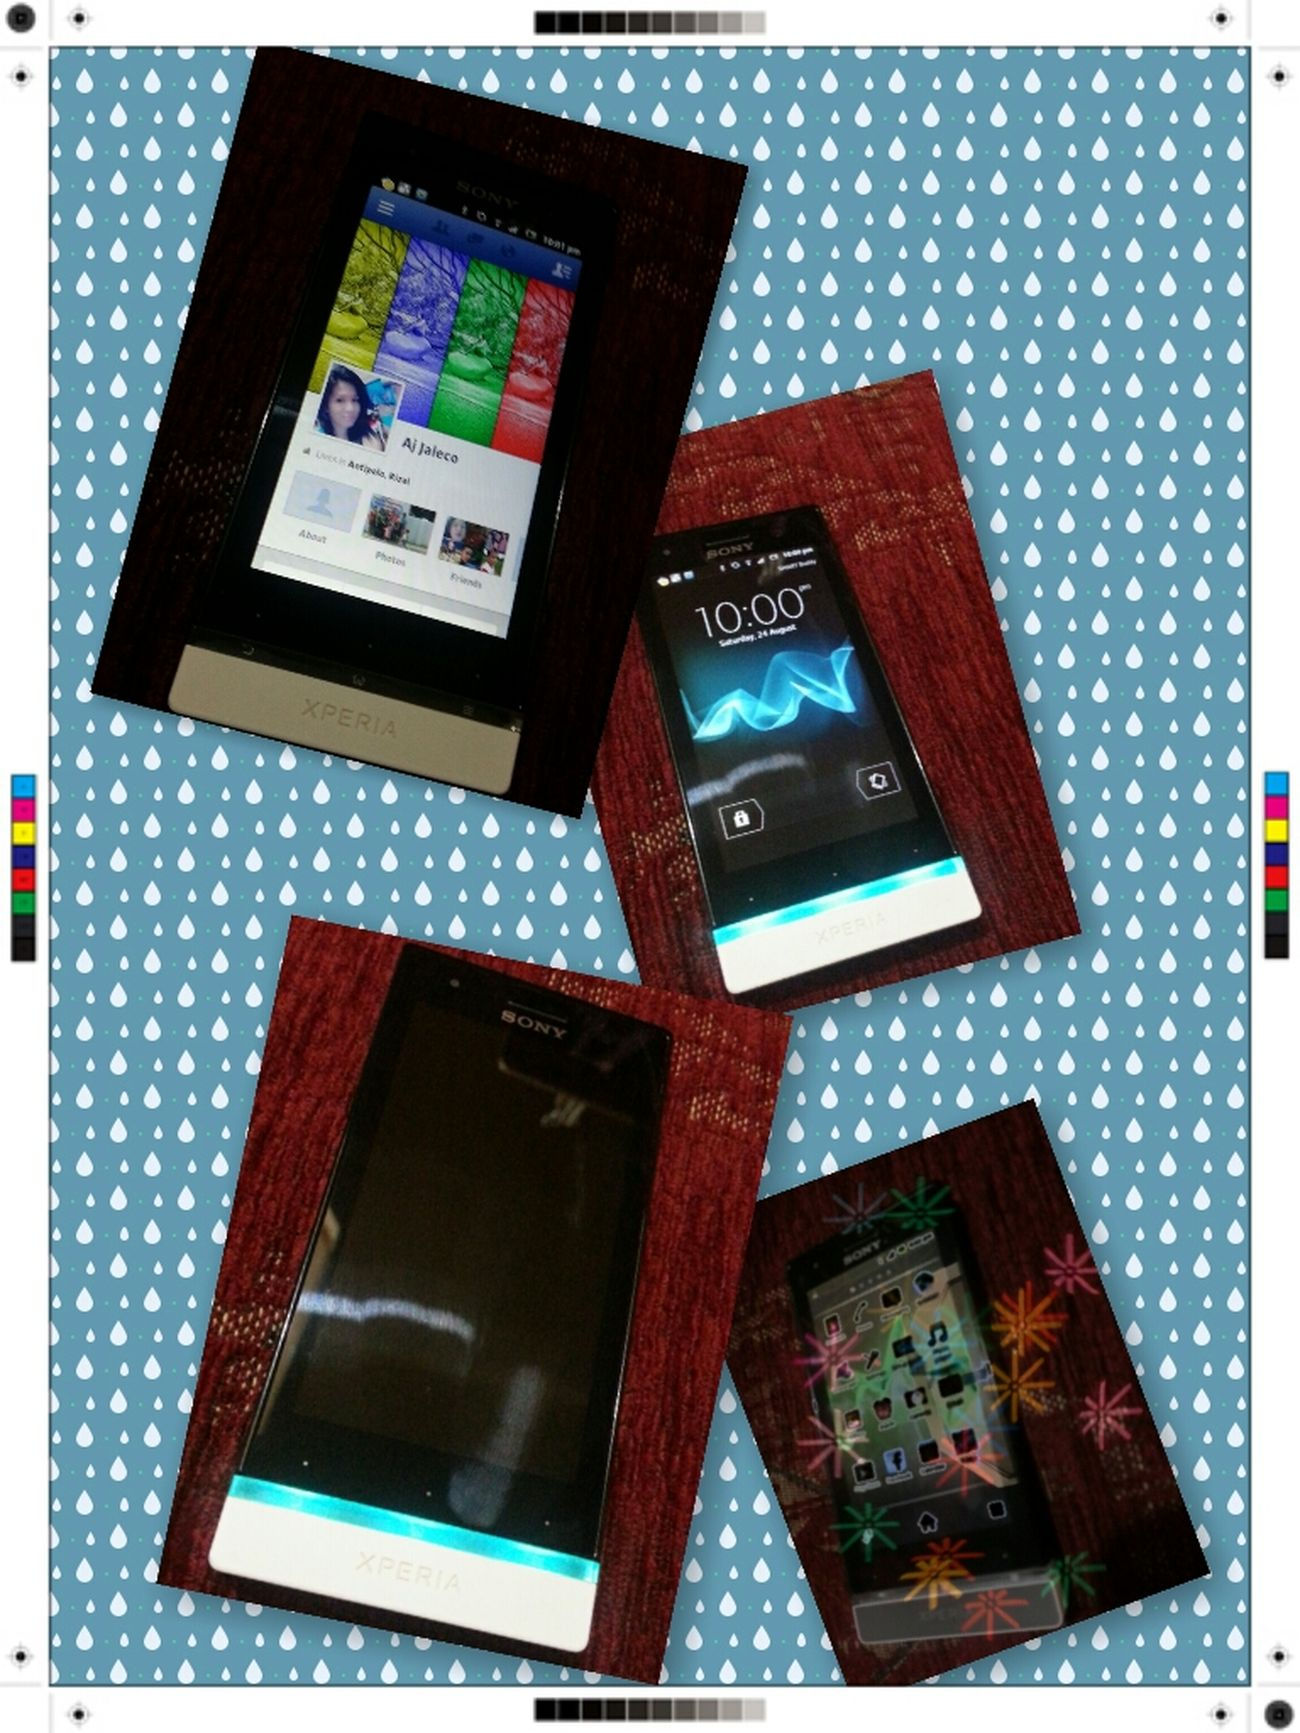 # I ♥ Sony Xperia